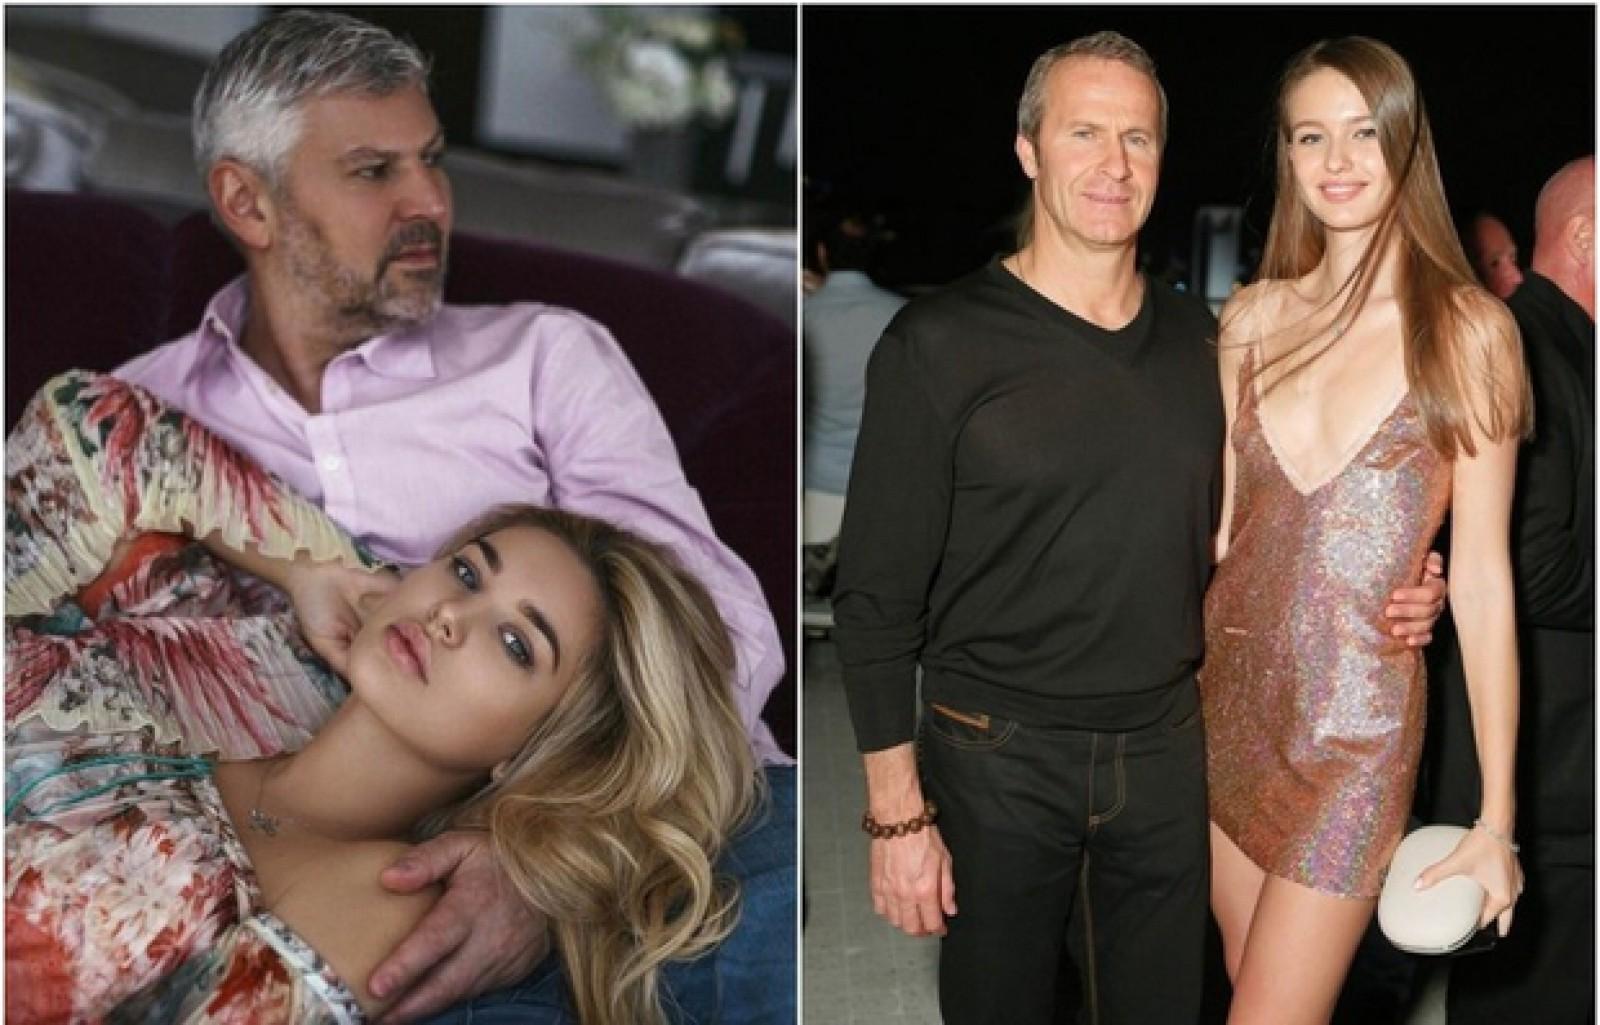 (foto) Noua modă în rândul miliardarilor ruşi: Nevestele extrem de tinere